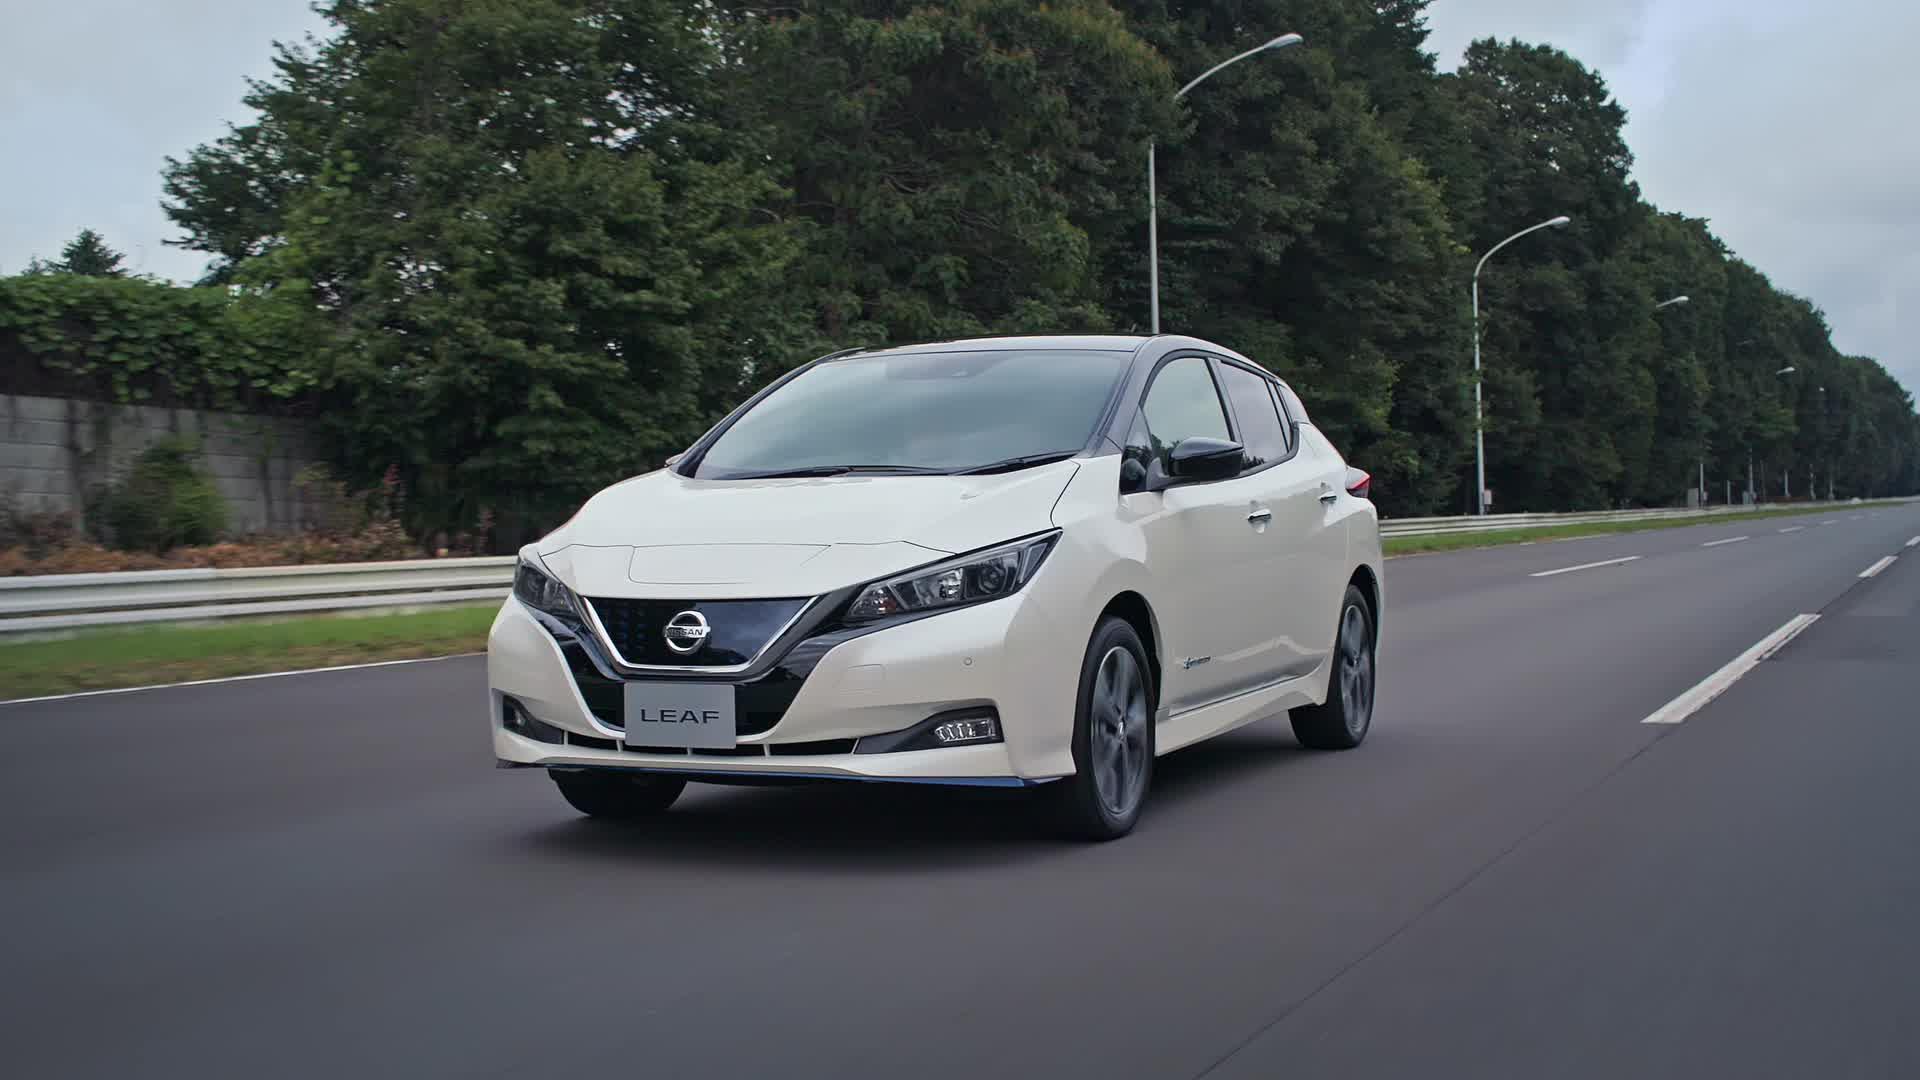 #22. Nissan Leaf E+ 62kW